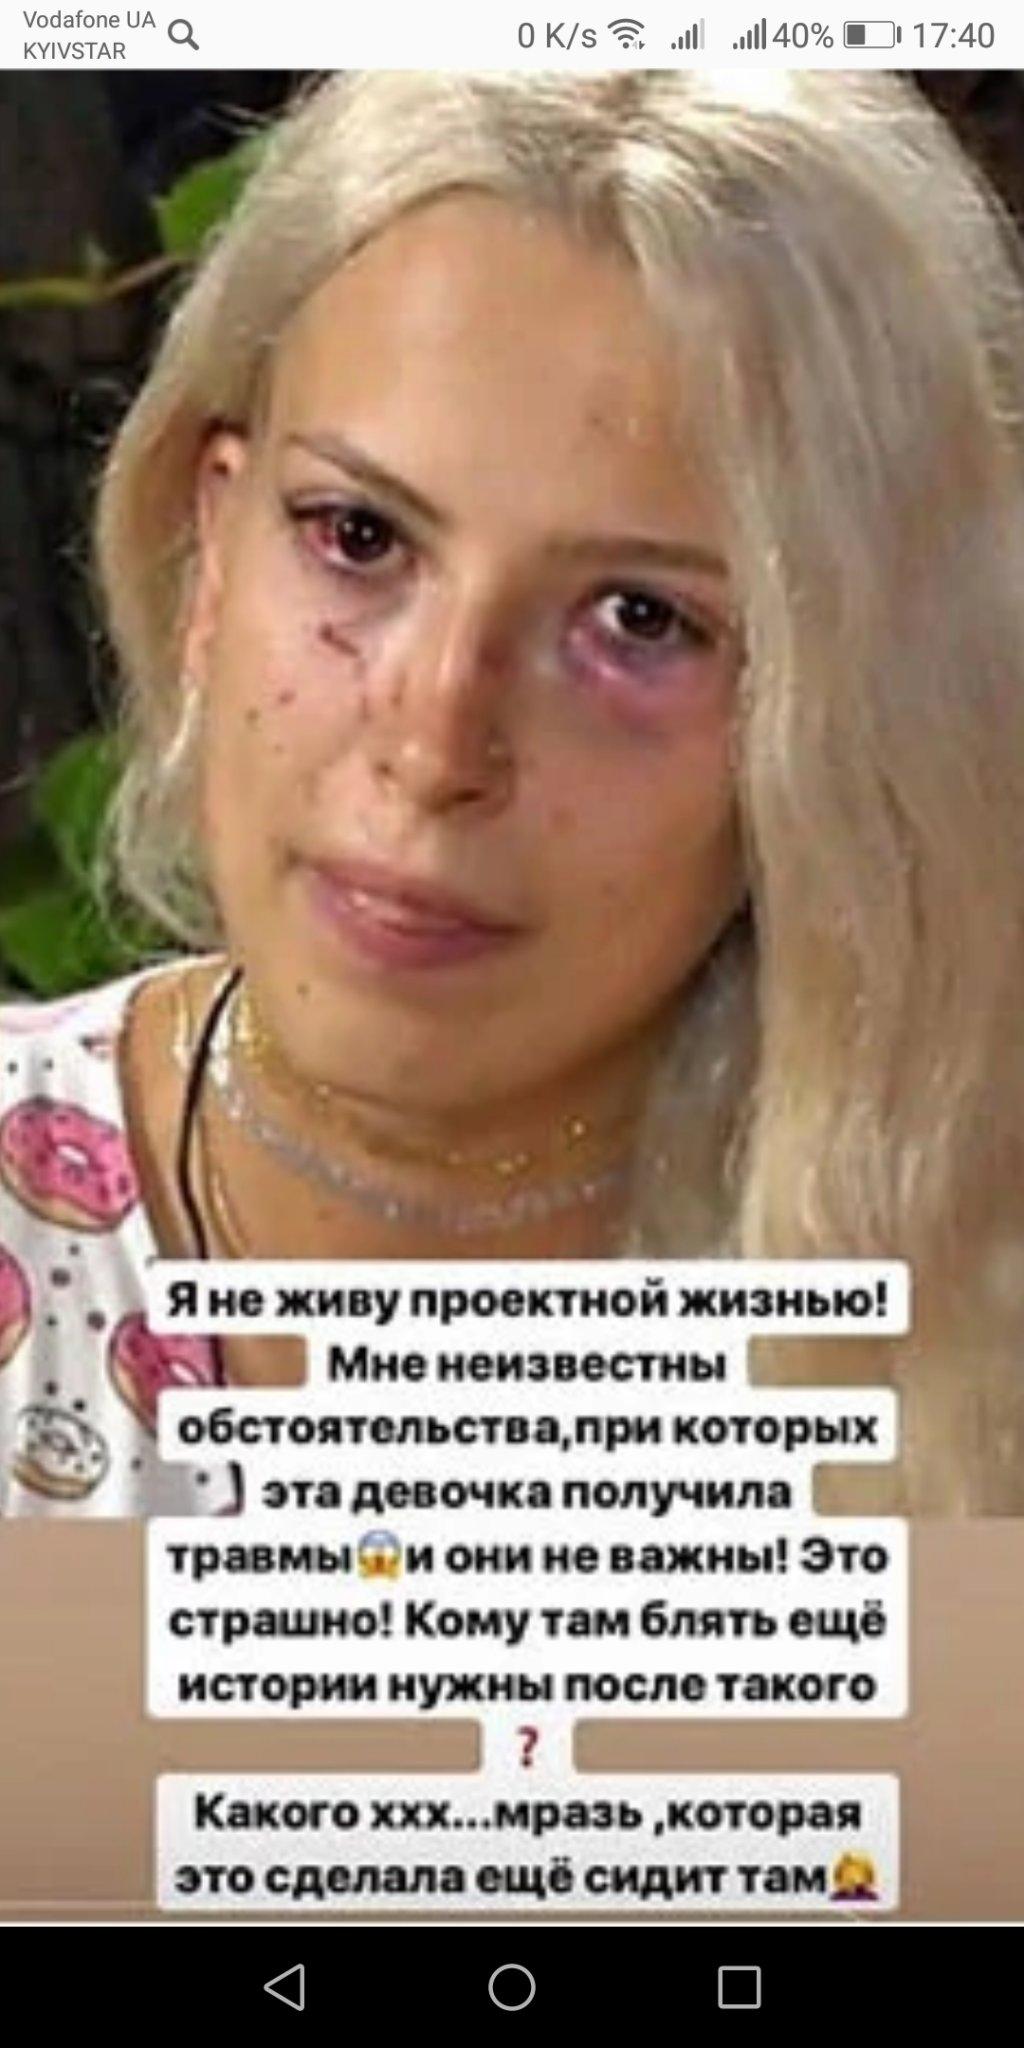 Дом-2 - Орлова не хотите ли вы такой макияж?